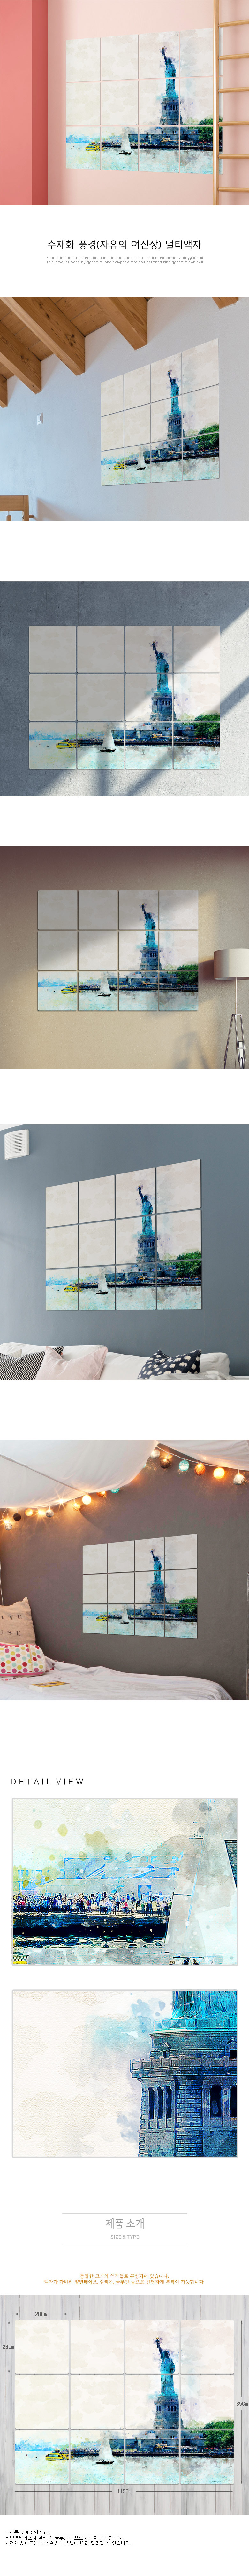 멀티액자_수채화풍경(자유의여신상) - 꾸밈, 74,000원, 홈갤러리, 사진아트